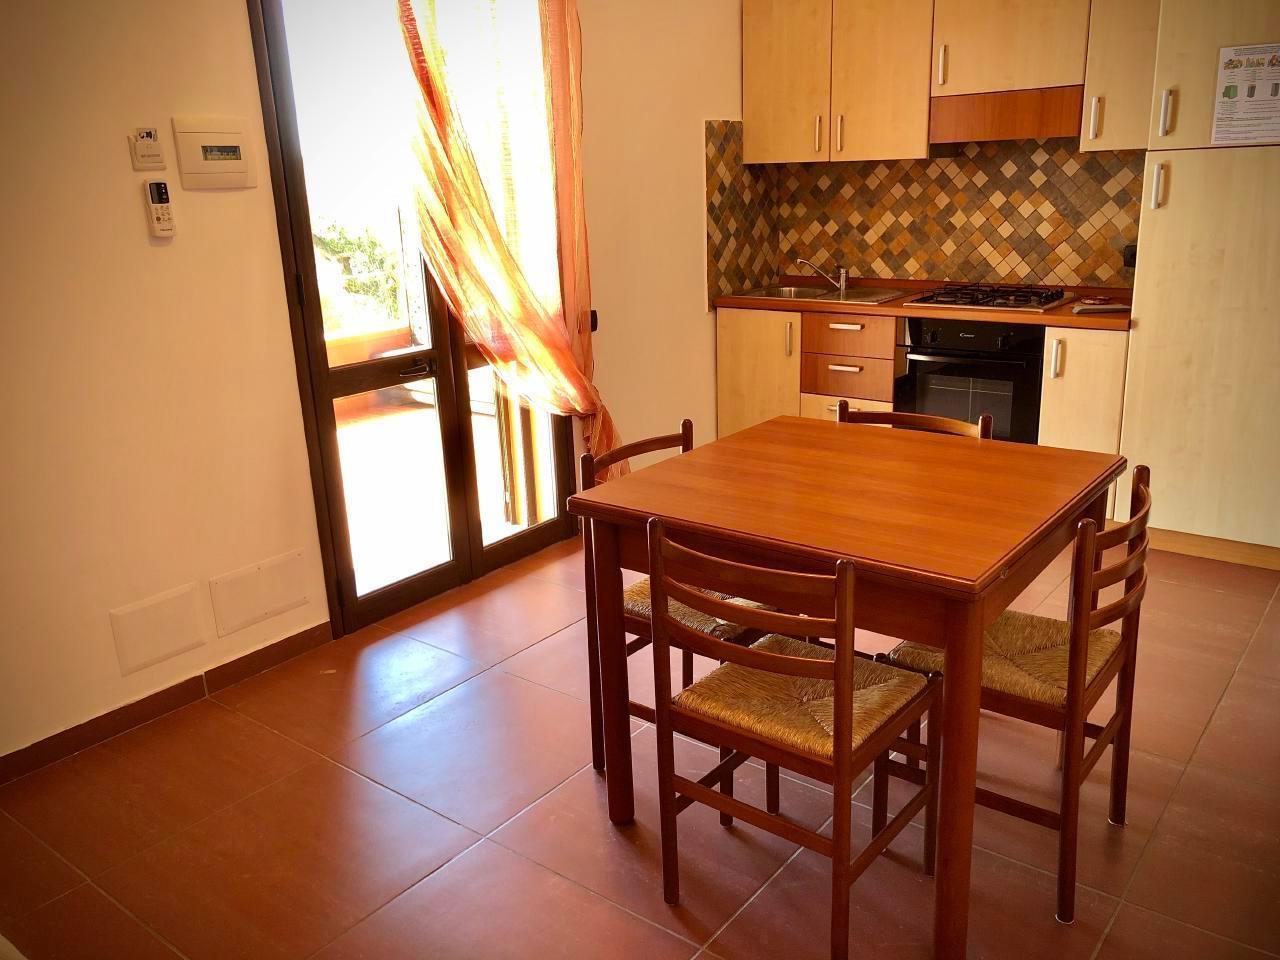 Ferienwohnung Ferienwohnungen (405131), Sciacca, Agrigento, Sizilien, Italien, Bild 24